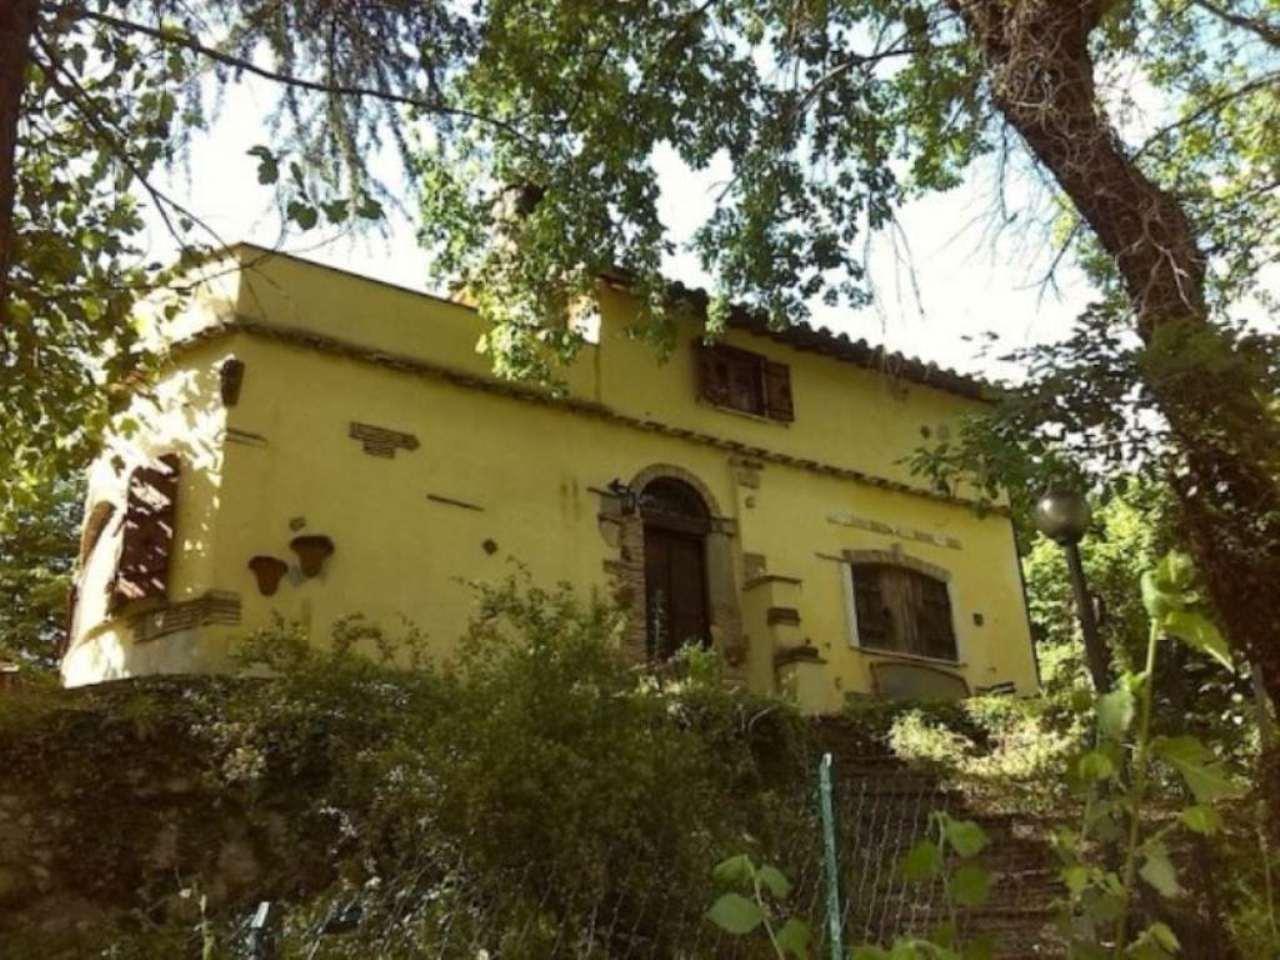 Rustico / Casale in vendita a Roccantica, 4 locali, prezzo € 135.000 | Cambio Casa.it